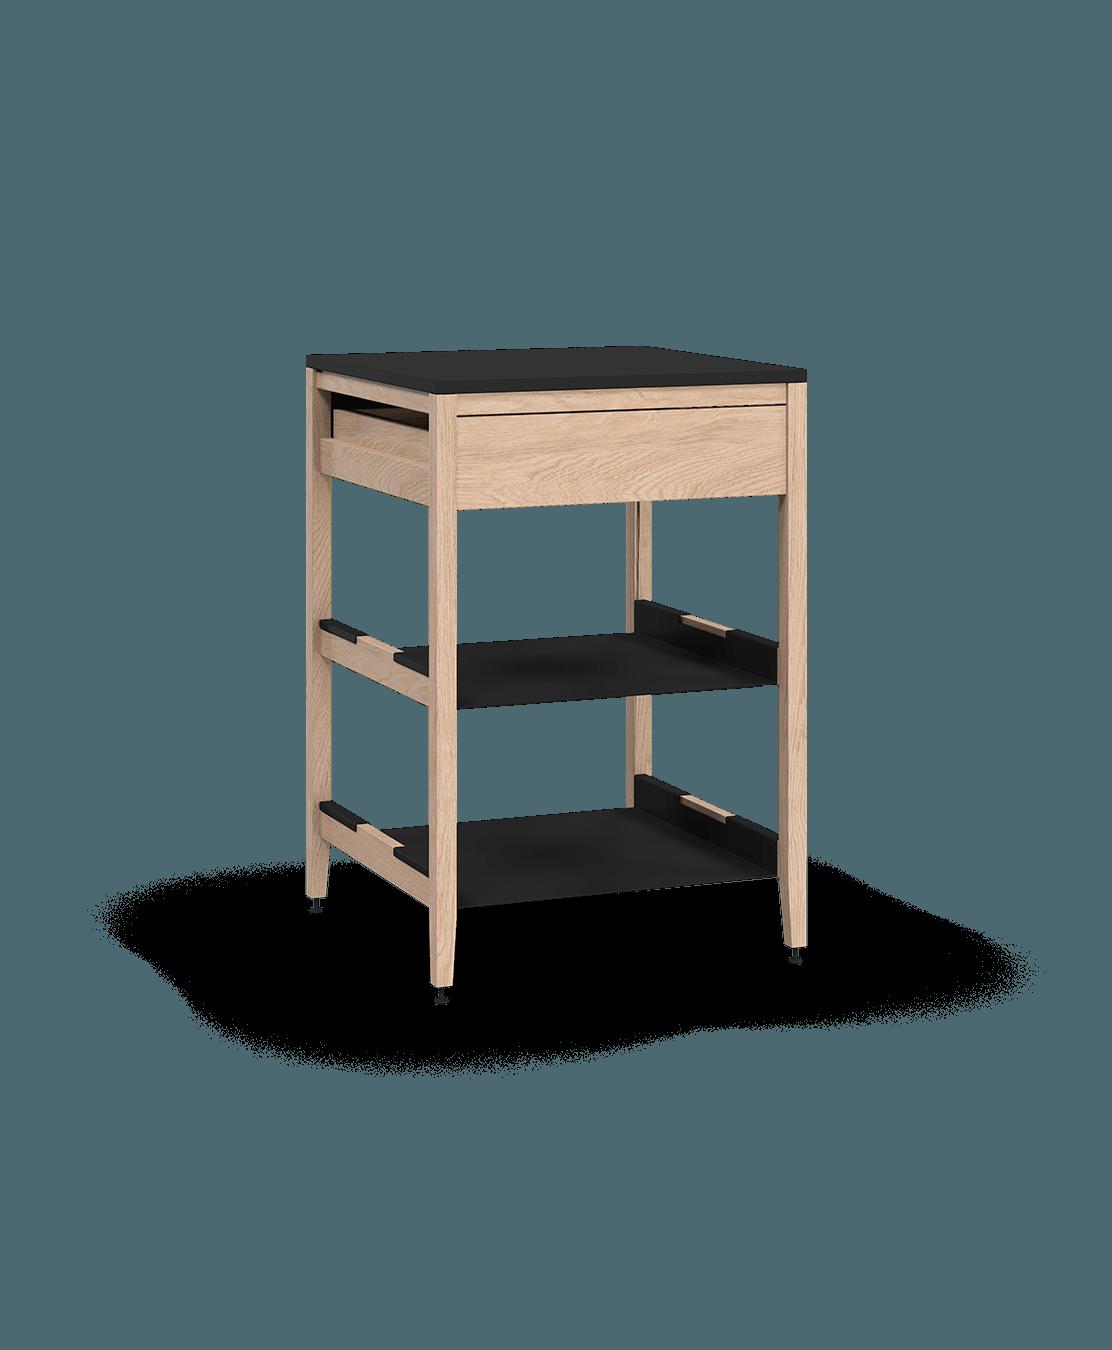 armoire de cuisine modulaire inférieure en bois massif coquo radix avec 2 tablettes 1 tiroir chêne blanc 27 pouces C1-C-27SB-1022-NA